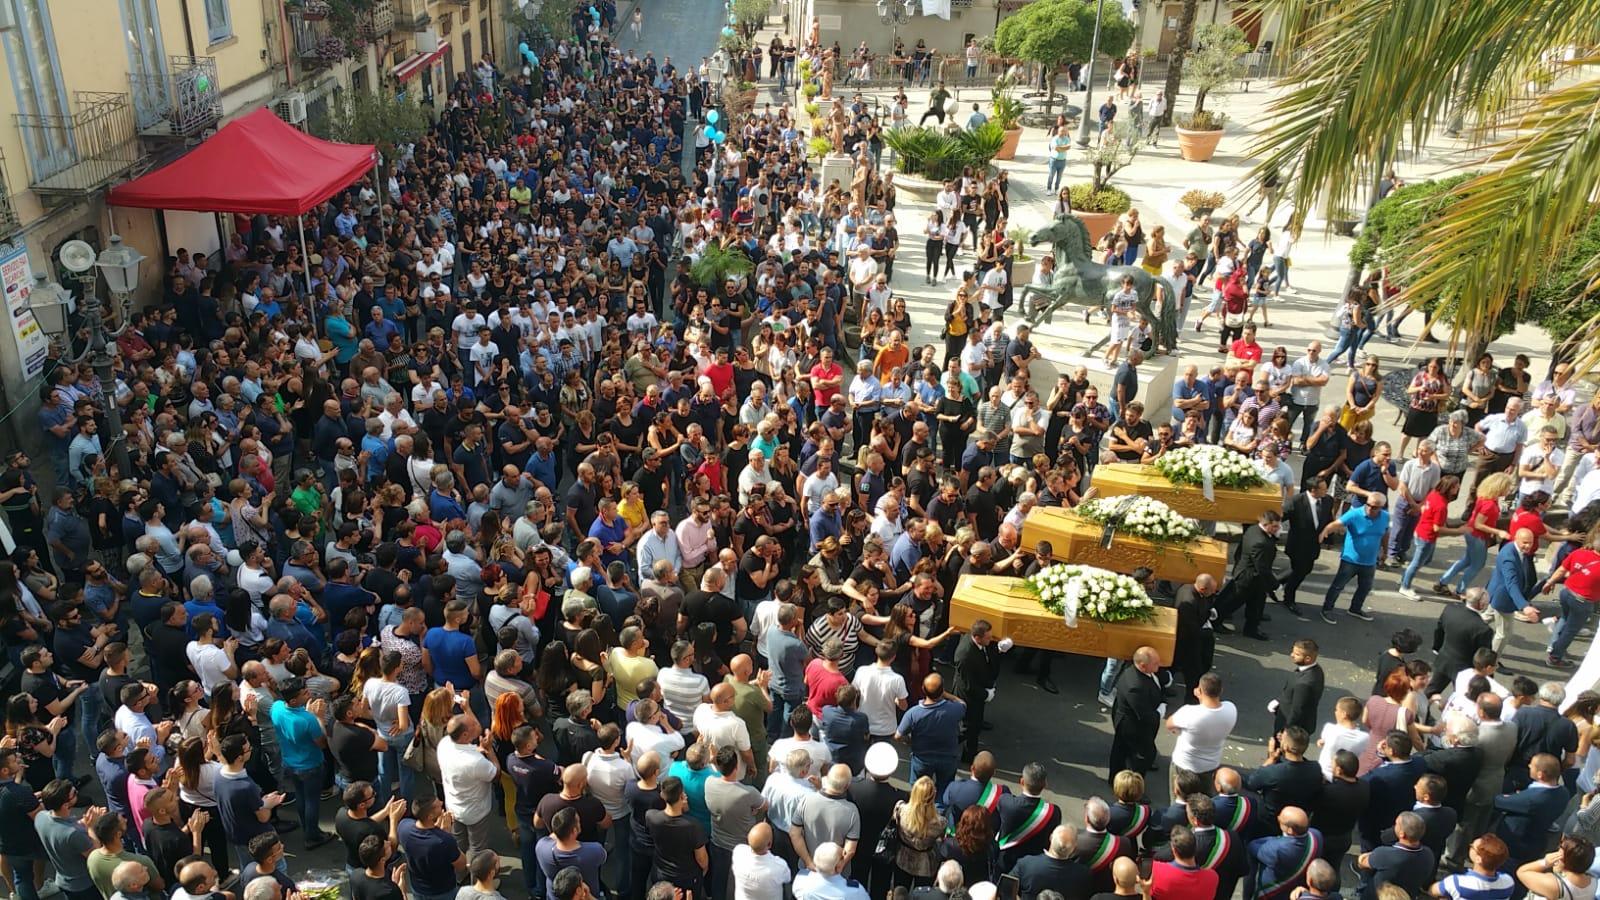 Soriano, in migliaia alle esequie dei tre giovani mortiCommozione e lunghi applausi al passaggio dei feretri